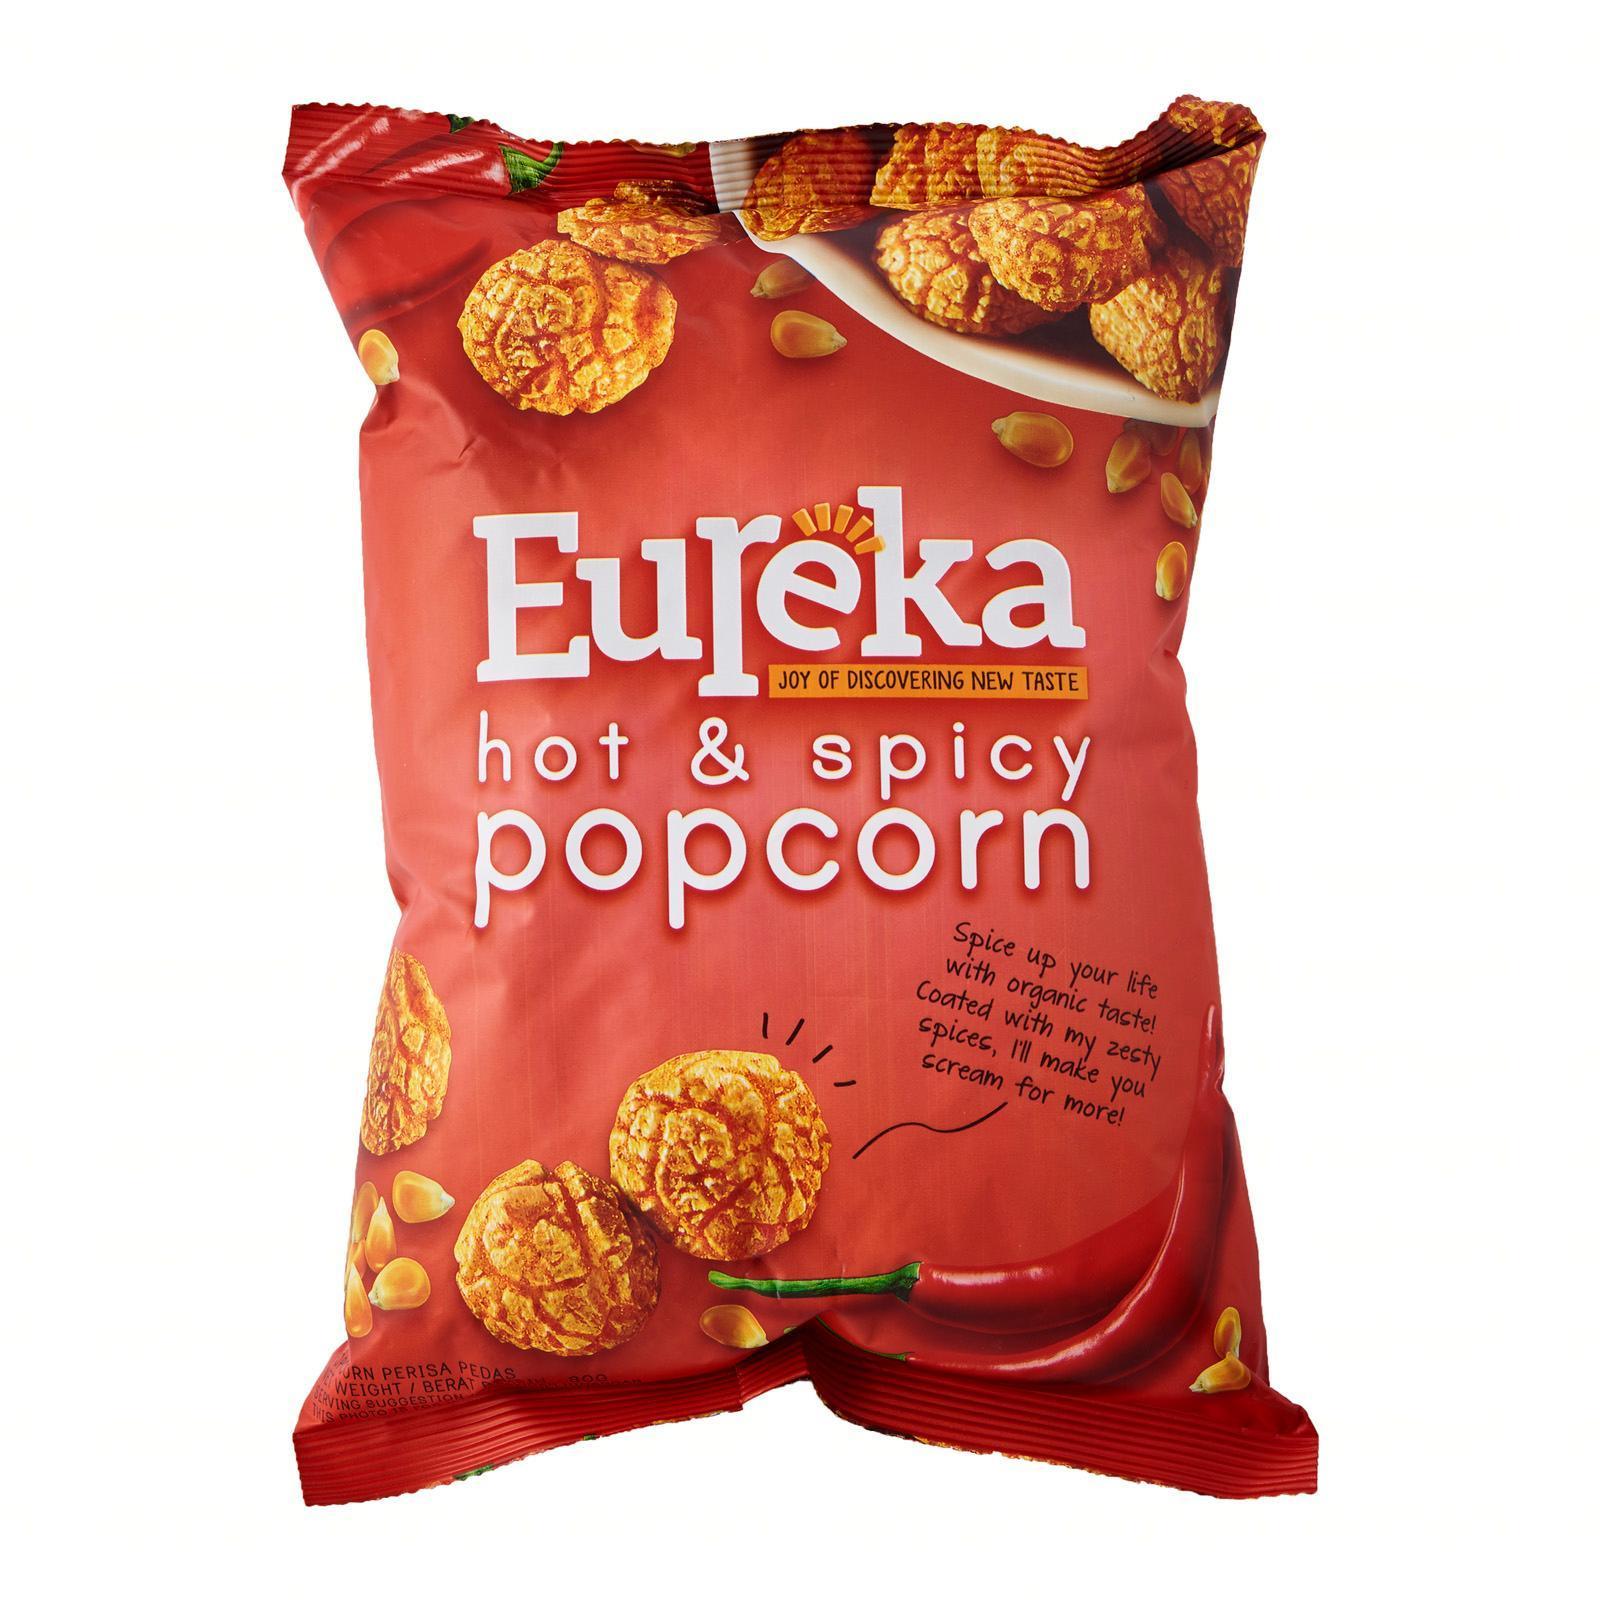 Eureka Popcorn Hot And Spicy - By Prestigio Delights